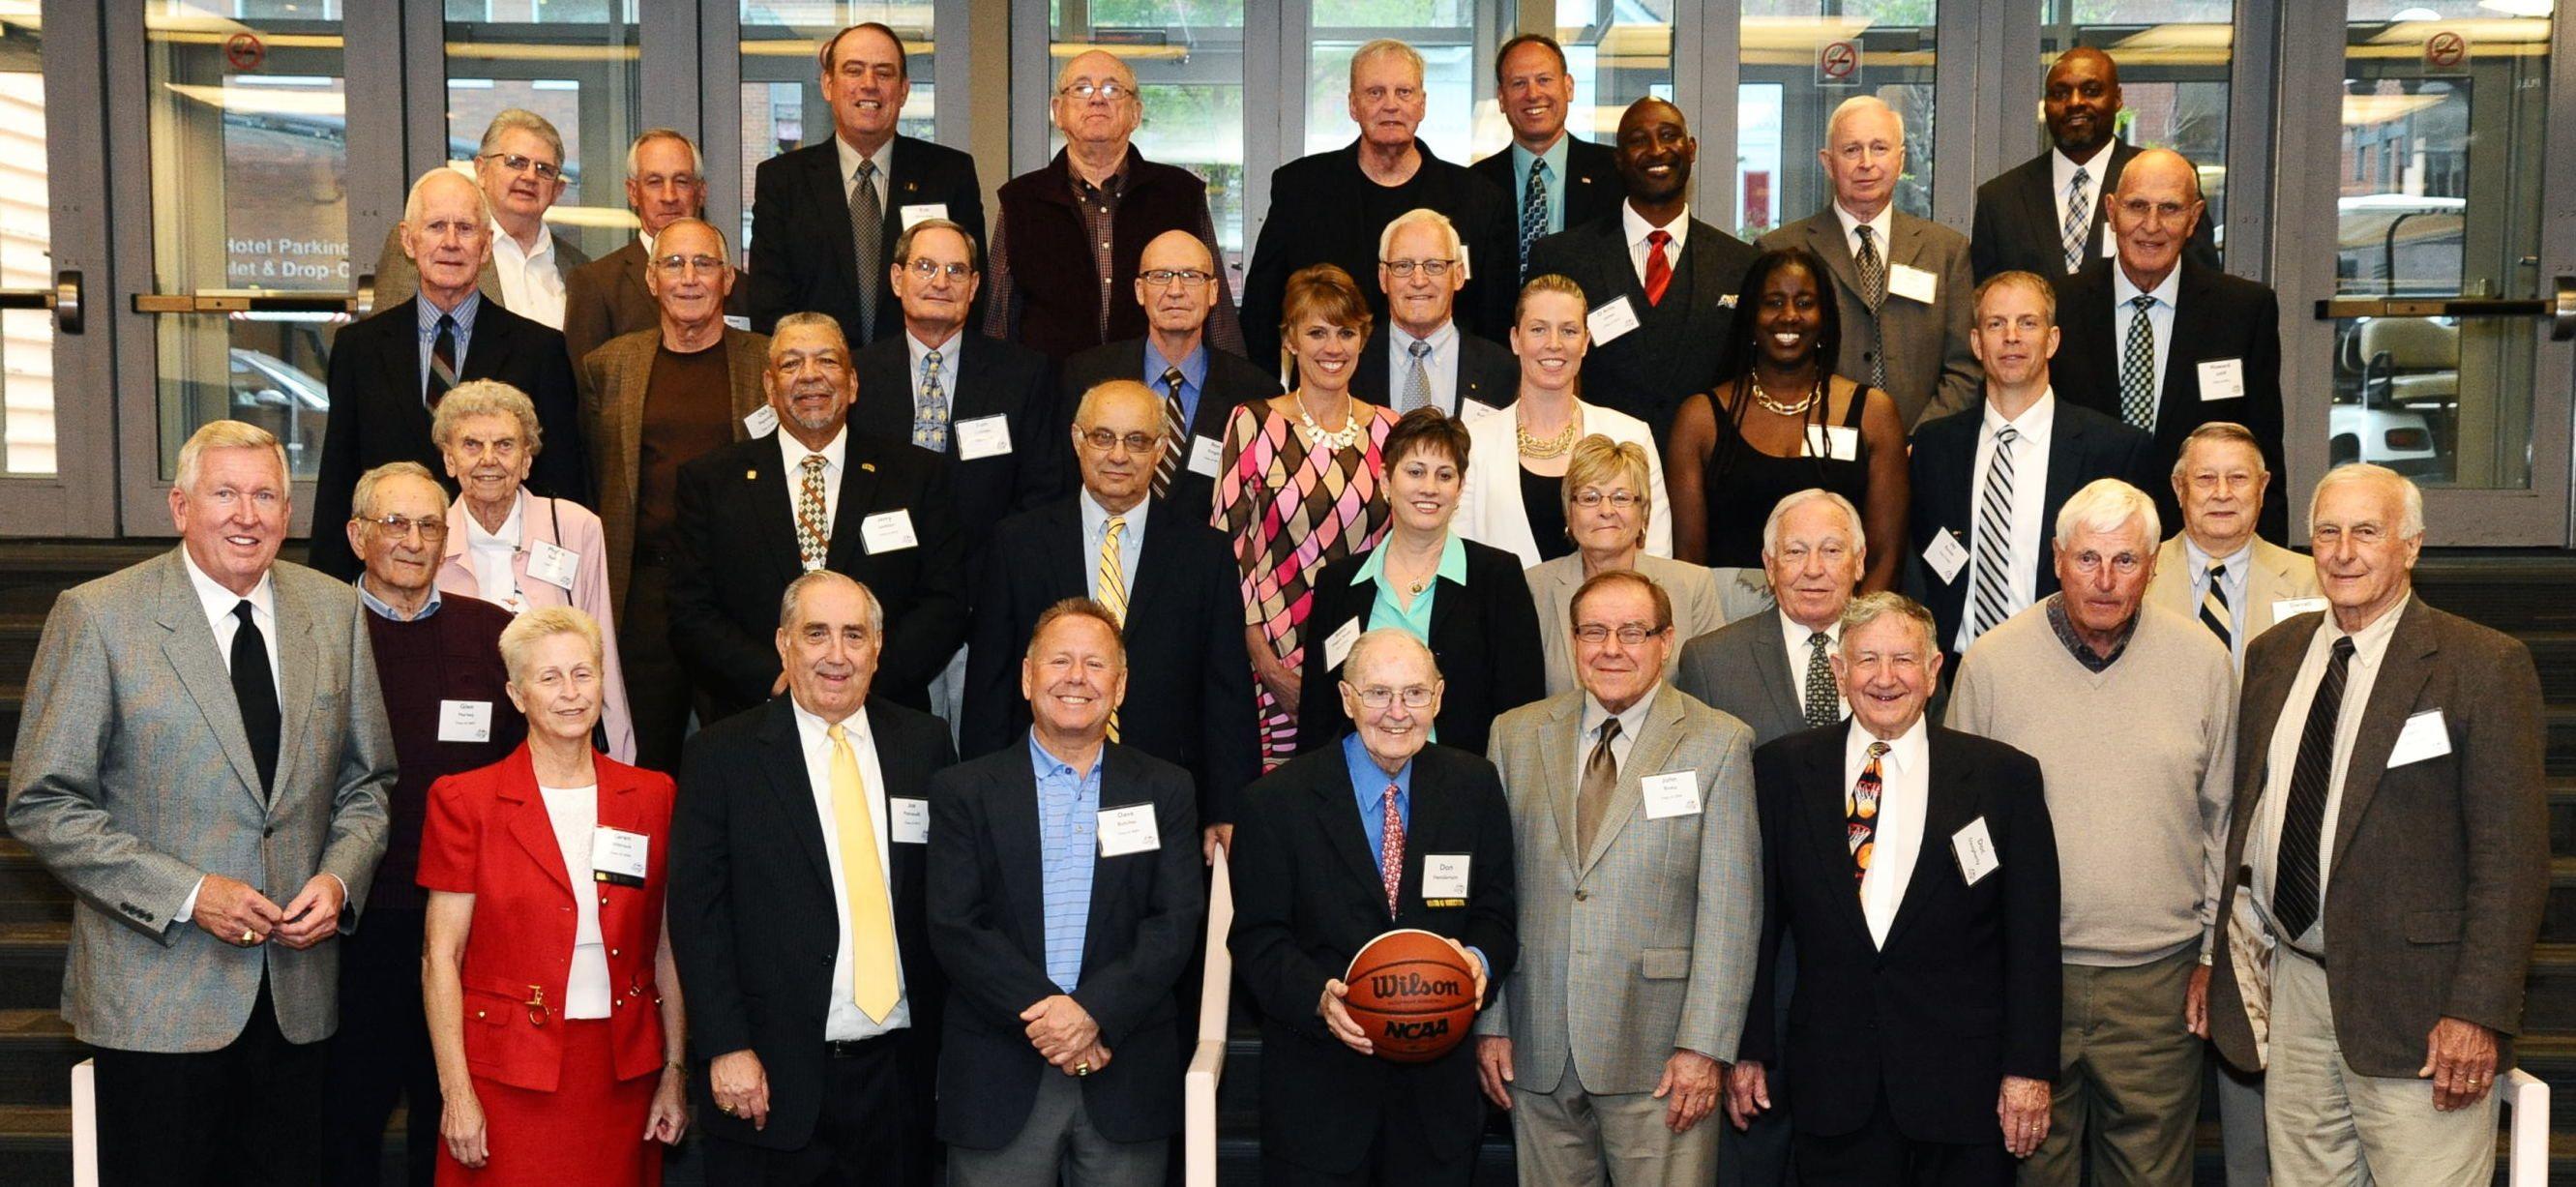 Celebrating Ohio Basketball's Greatest Legends